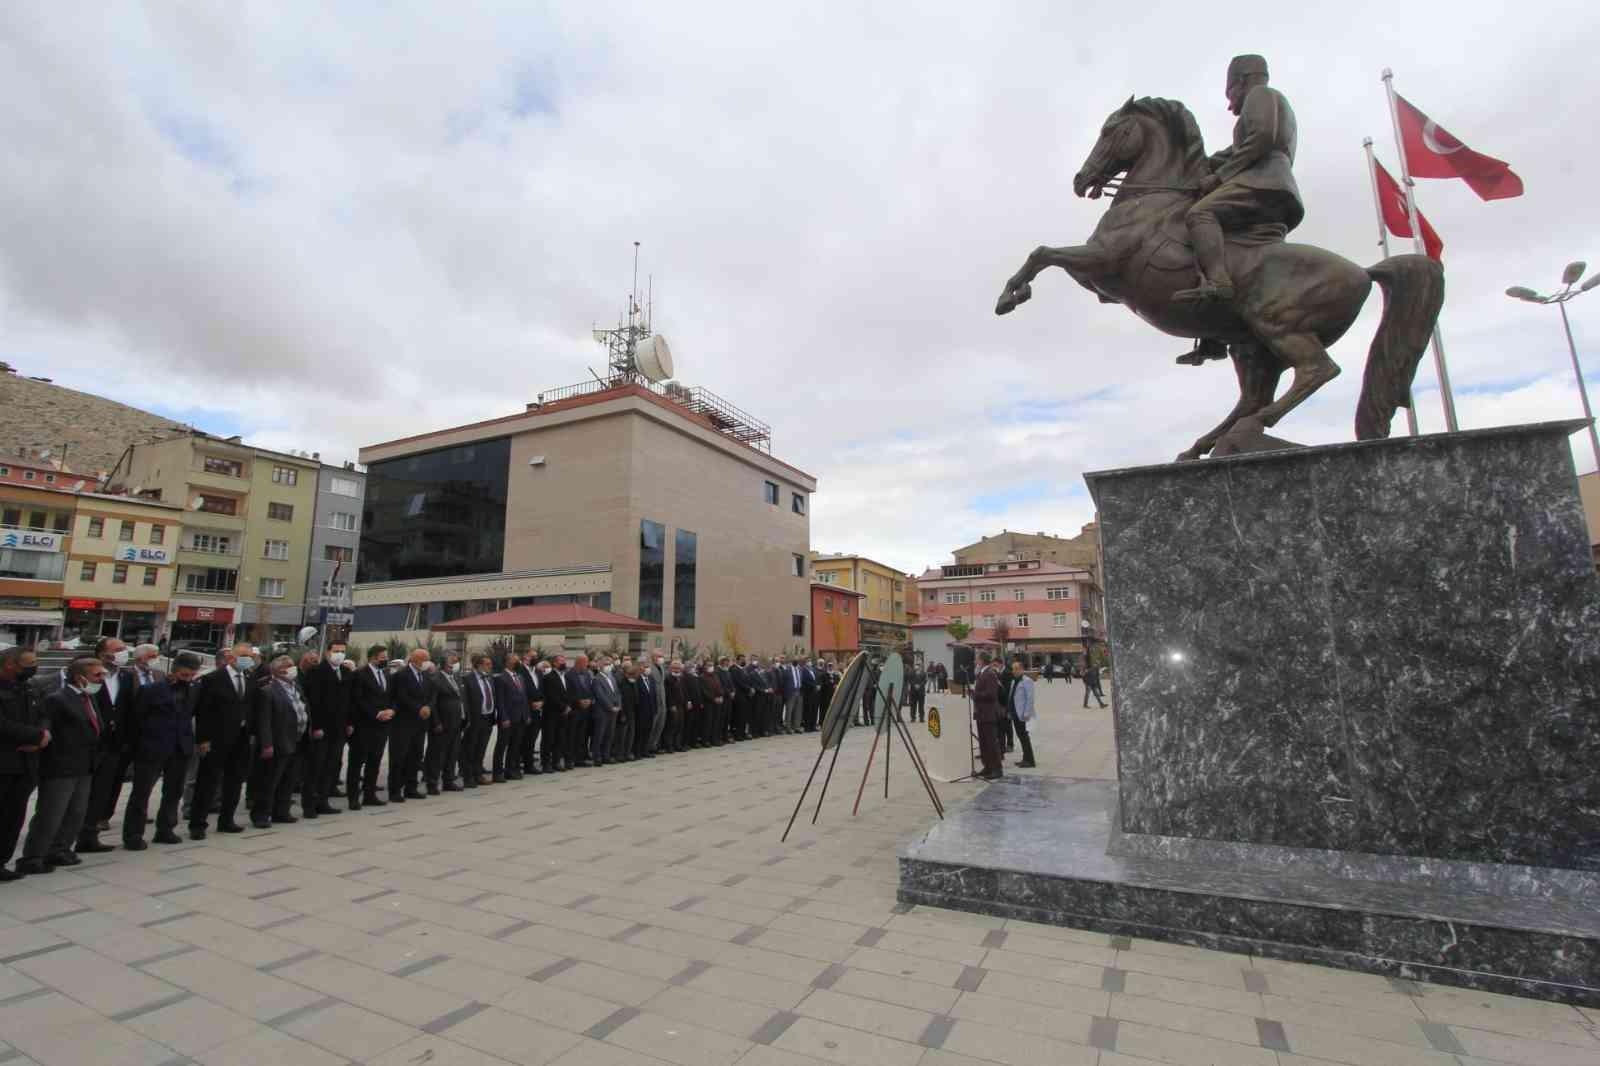 Bayburt'ta Muhtarlar Günü kutlandı #bayburt